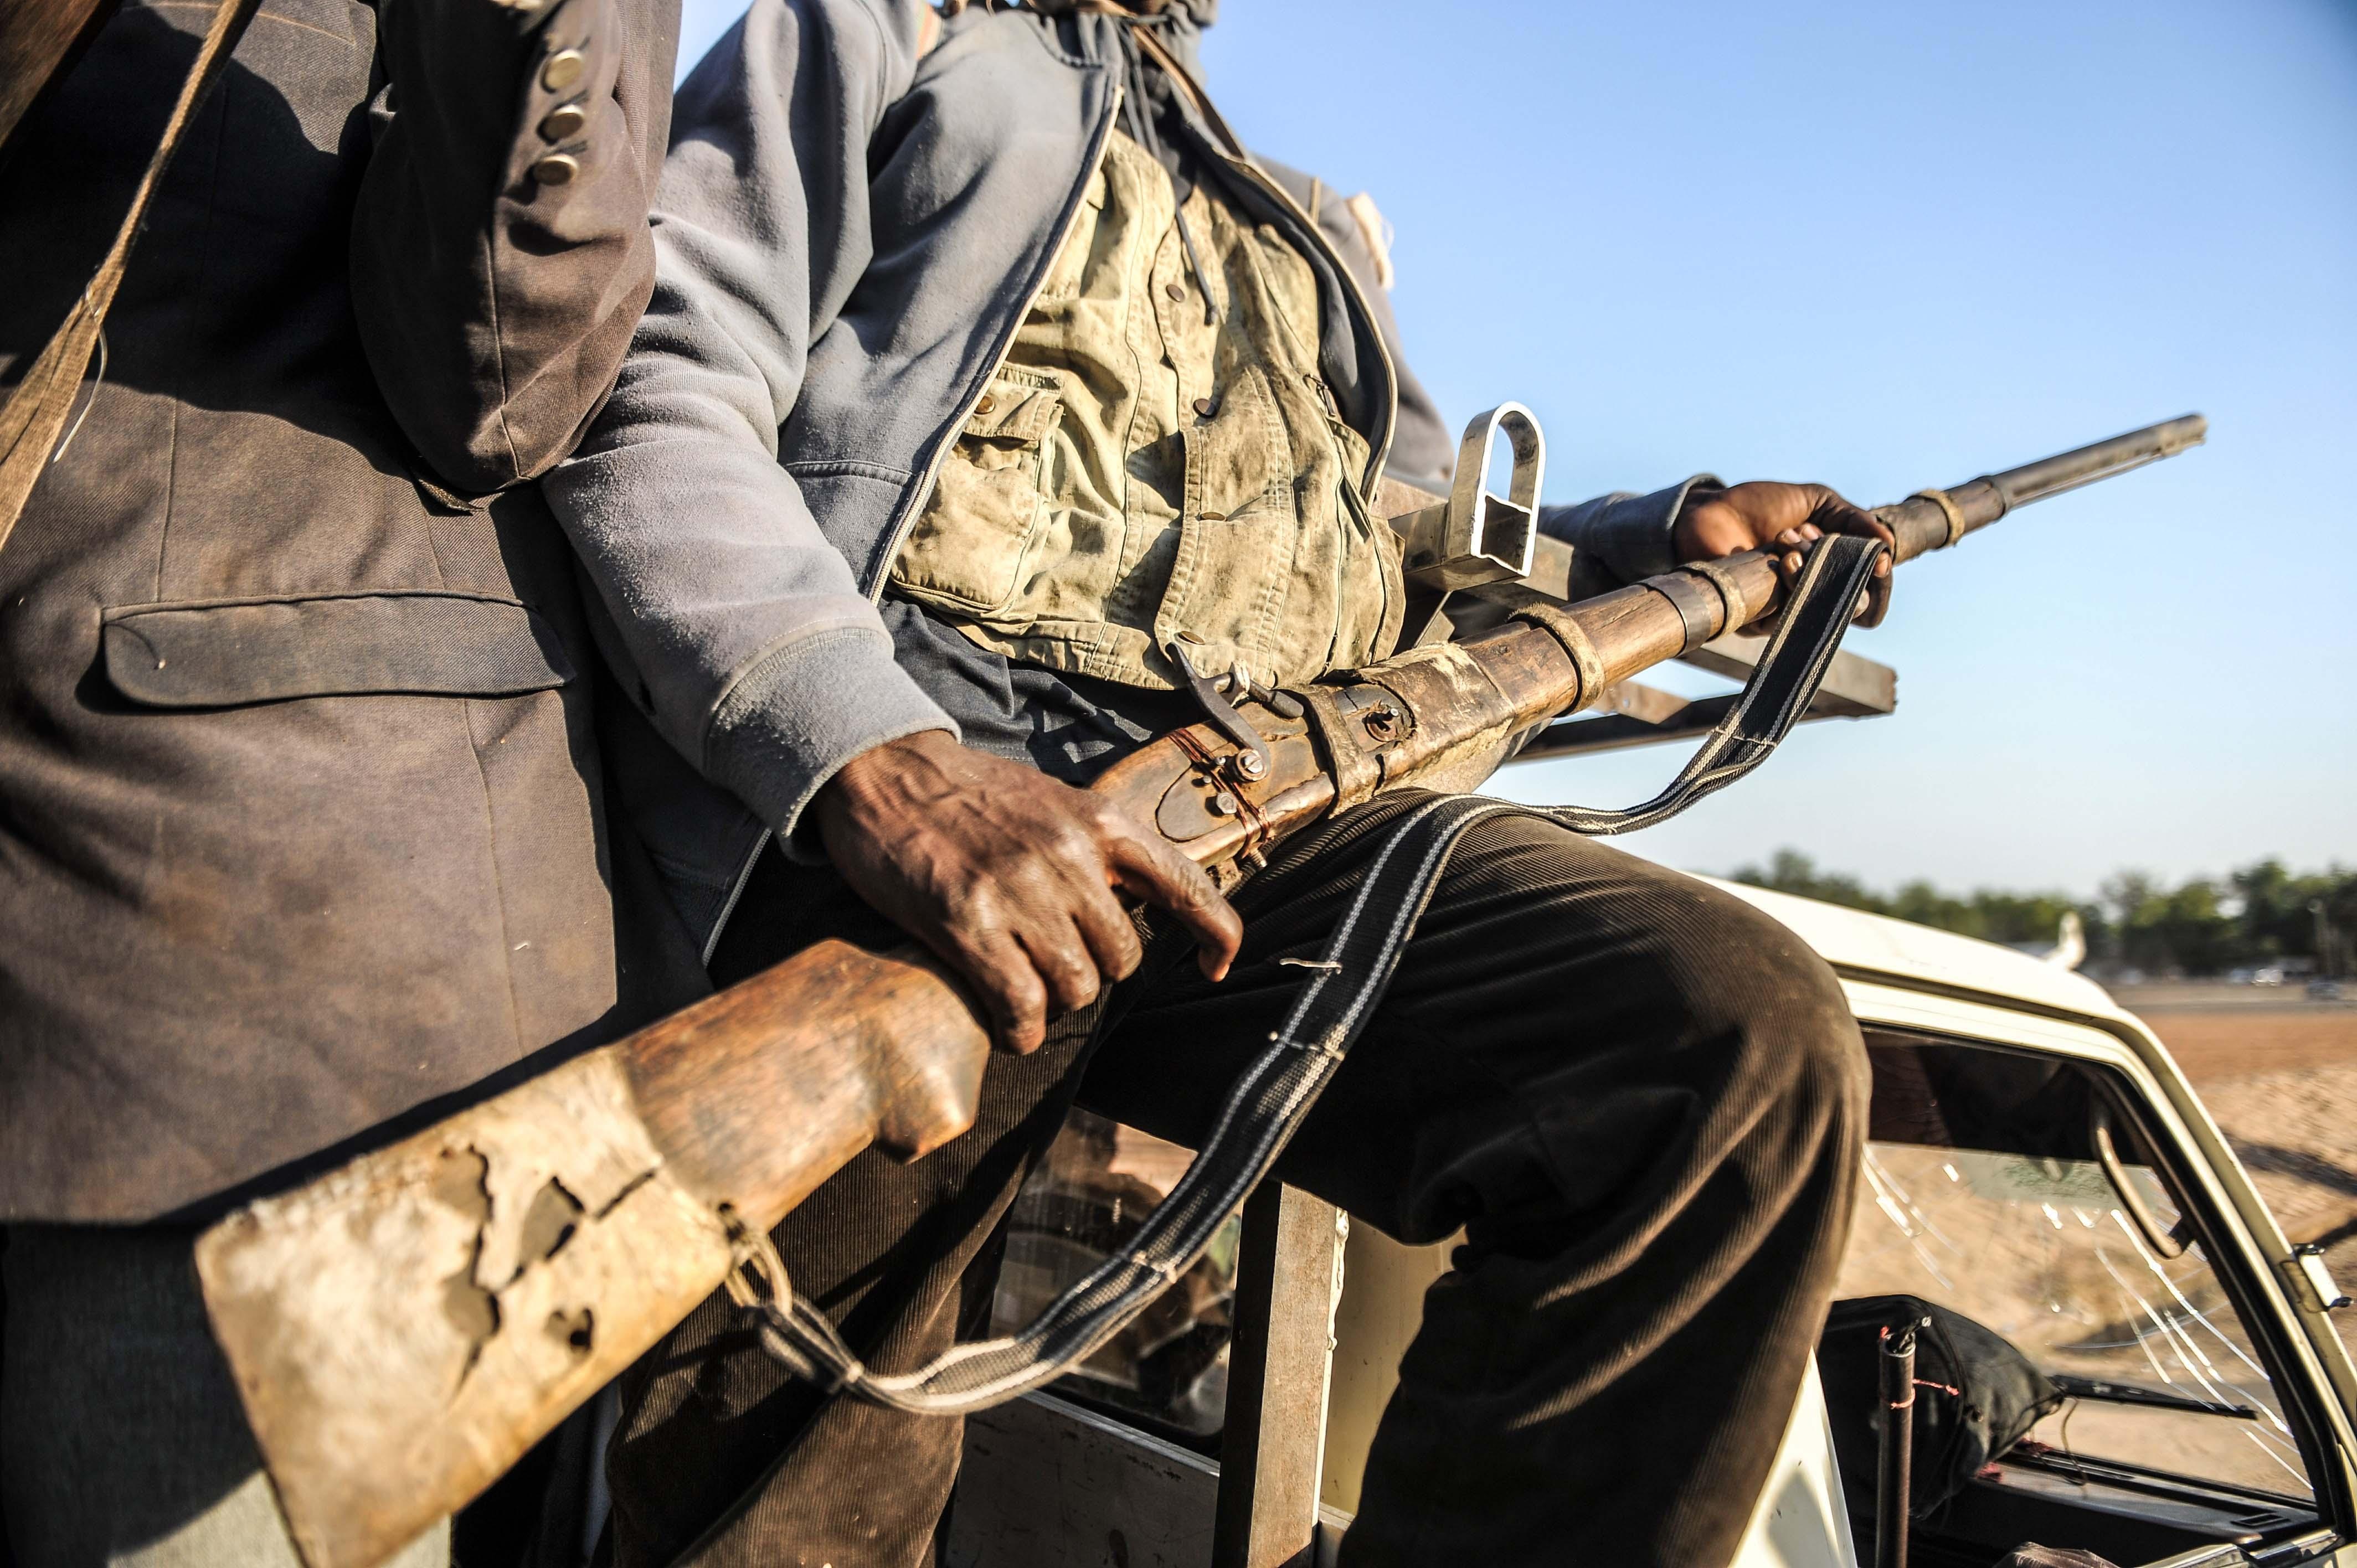 Cel mai sangeros atac din ultimul an comis de Boko Haram. 50.000 de oameni au fugit din calea jihadistilor